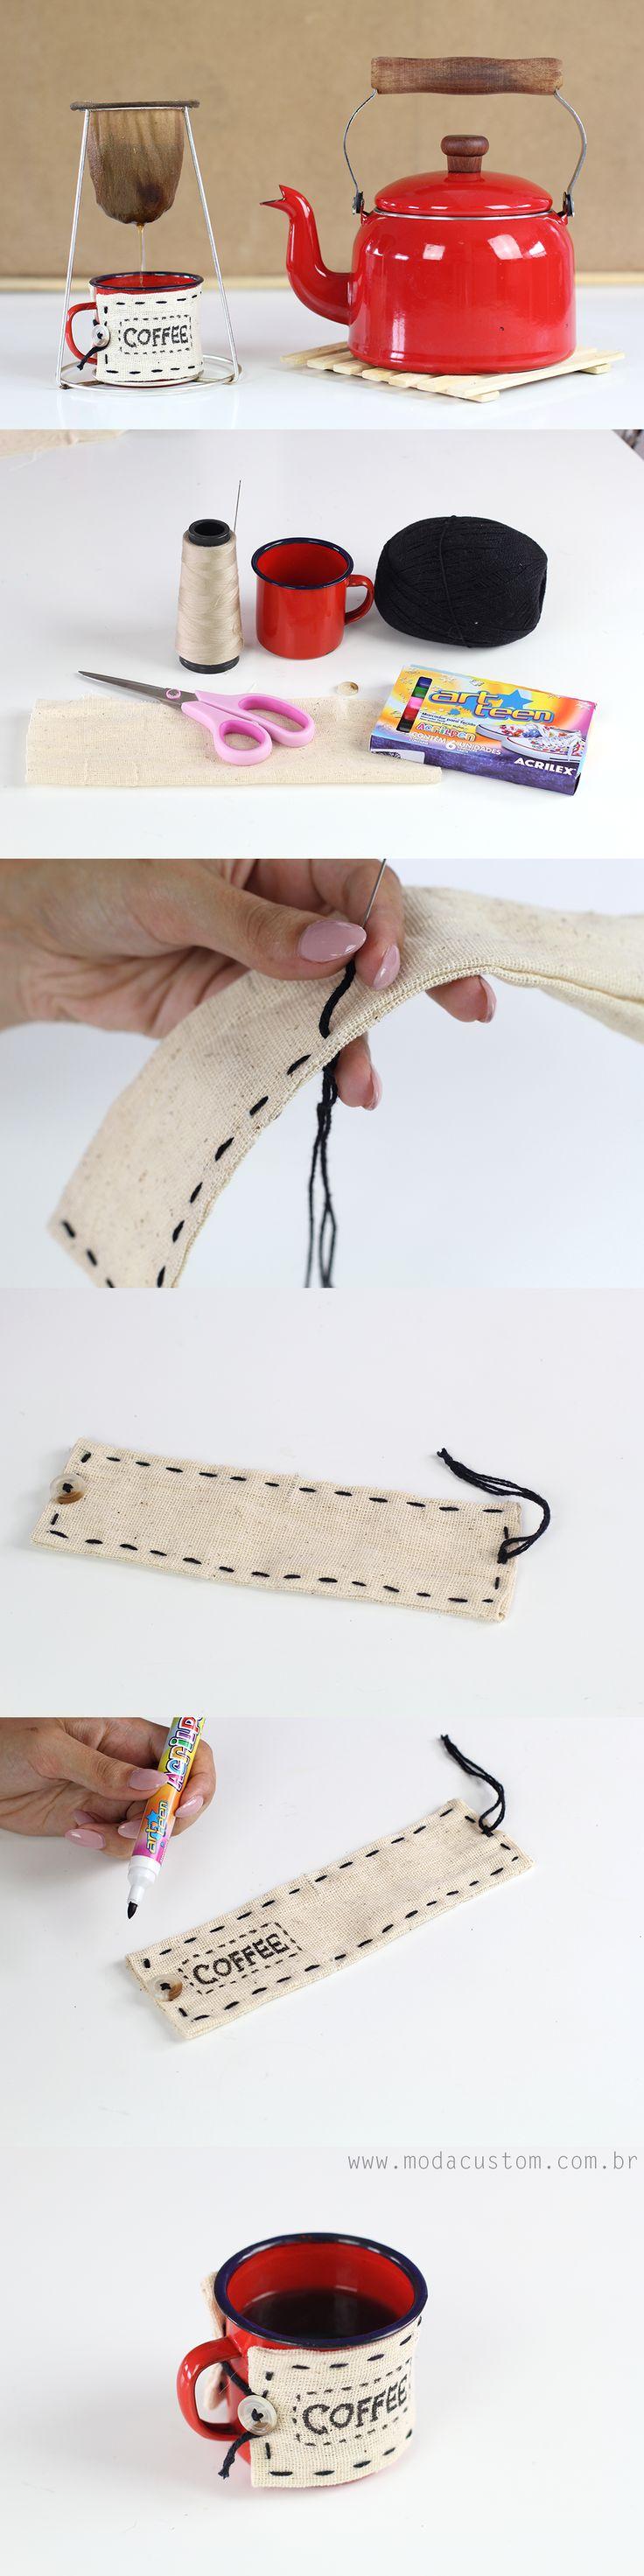 Aprenda a fazer uma roupinha de caneca rústica! Veja o tutorial completo e em vídeo no blog!